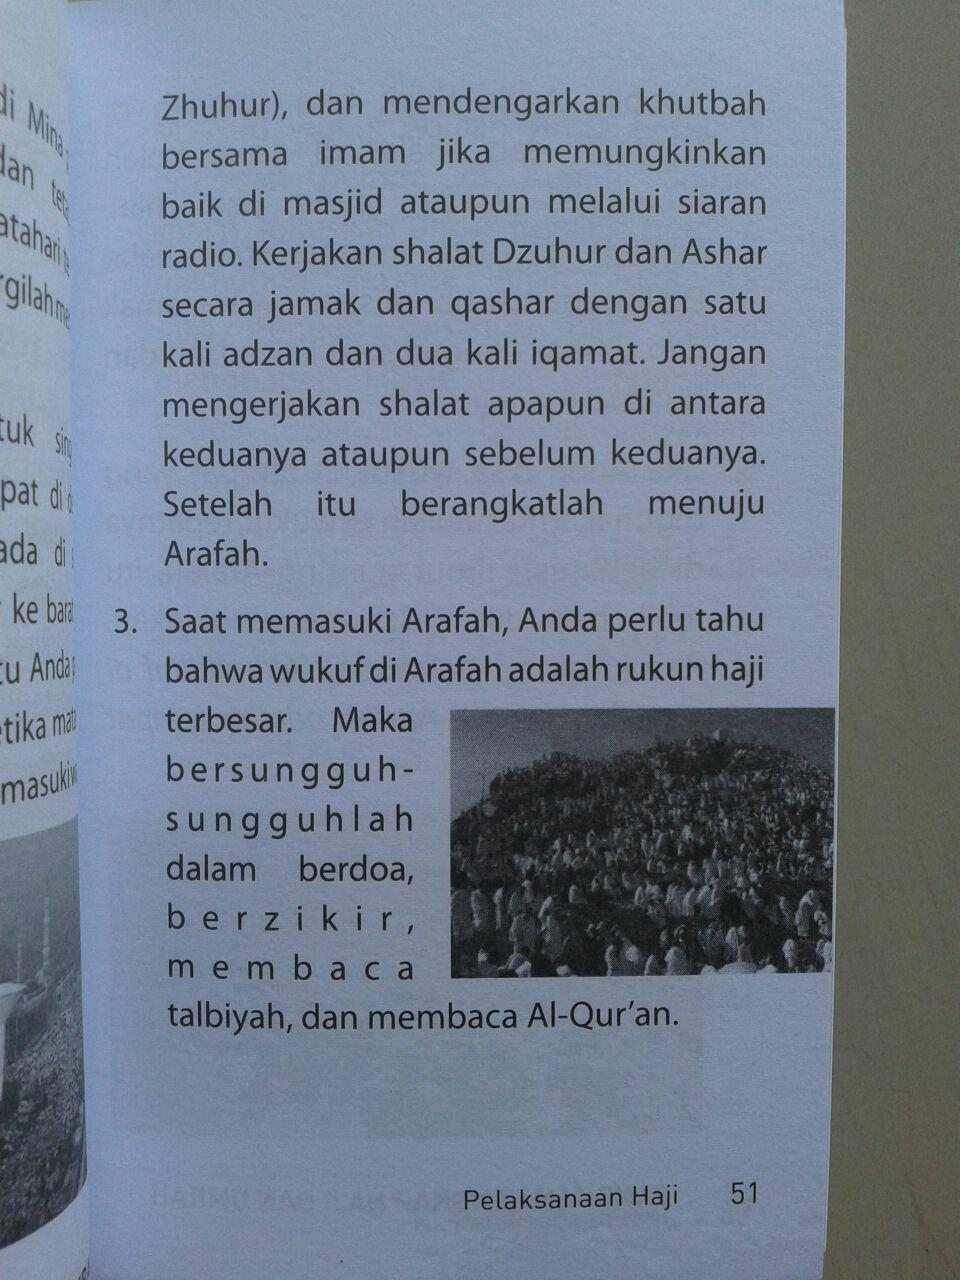 Buku Saku Panduan lengkap Haji & Umrah Sesuai Sunnah isi 3